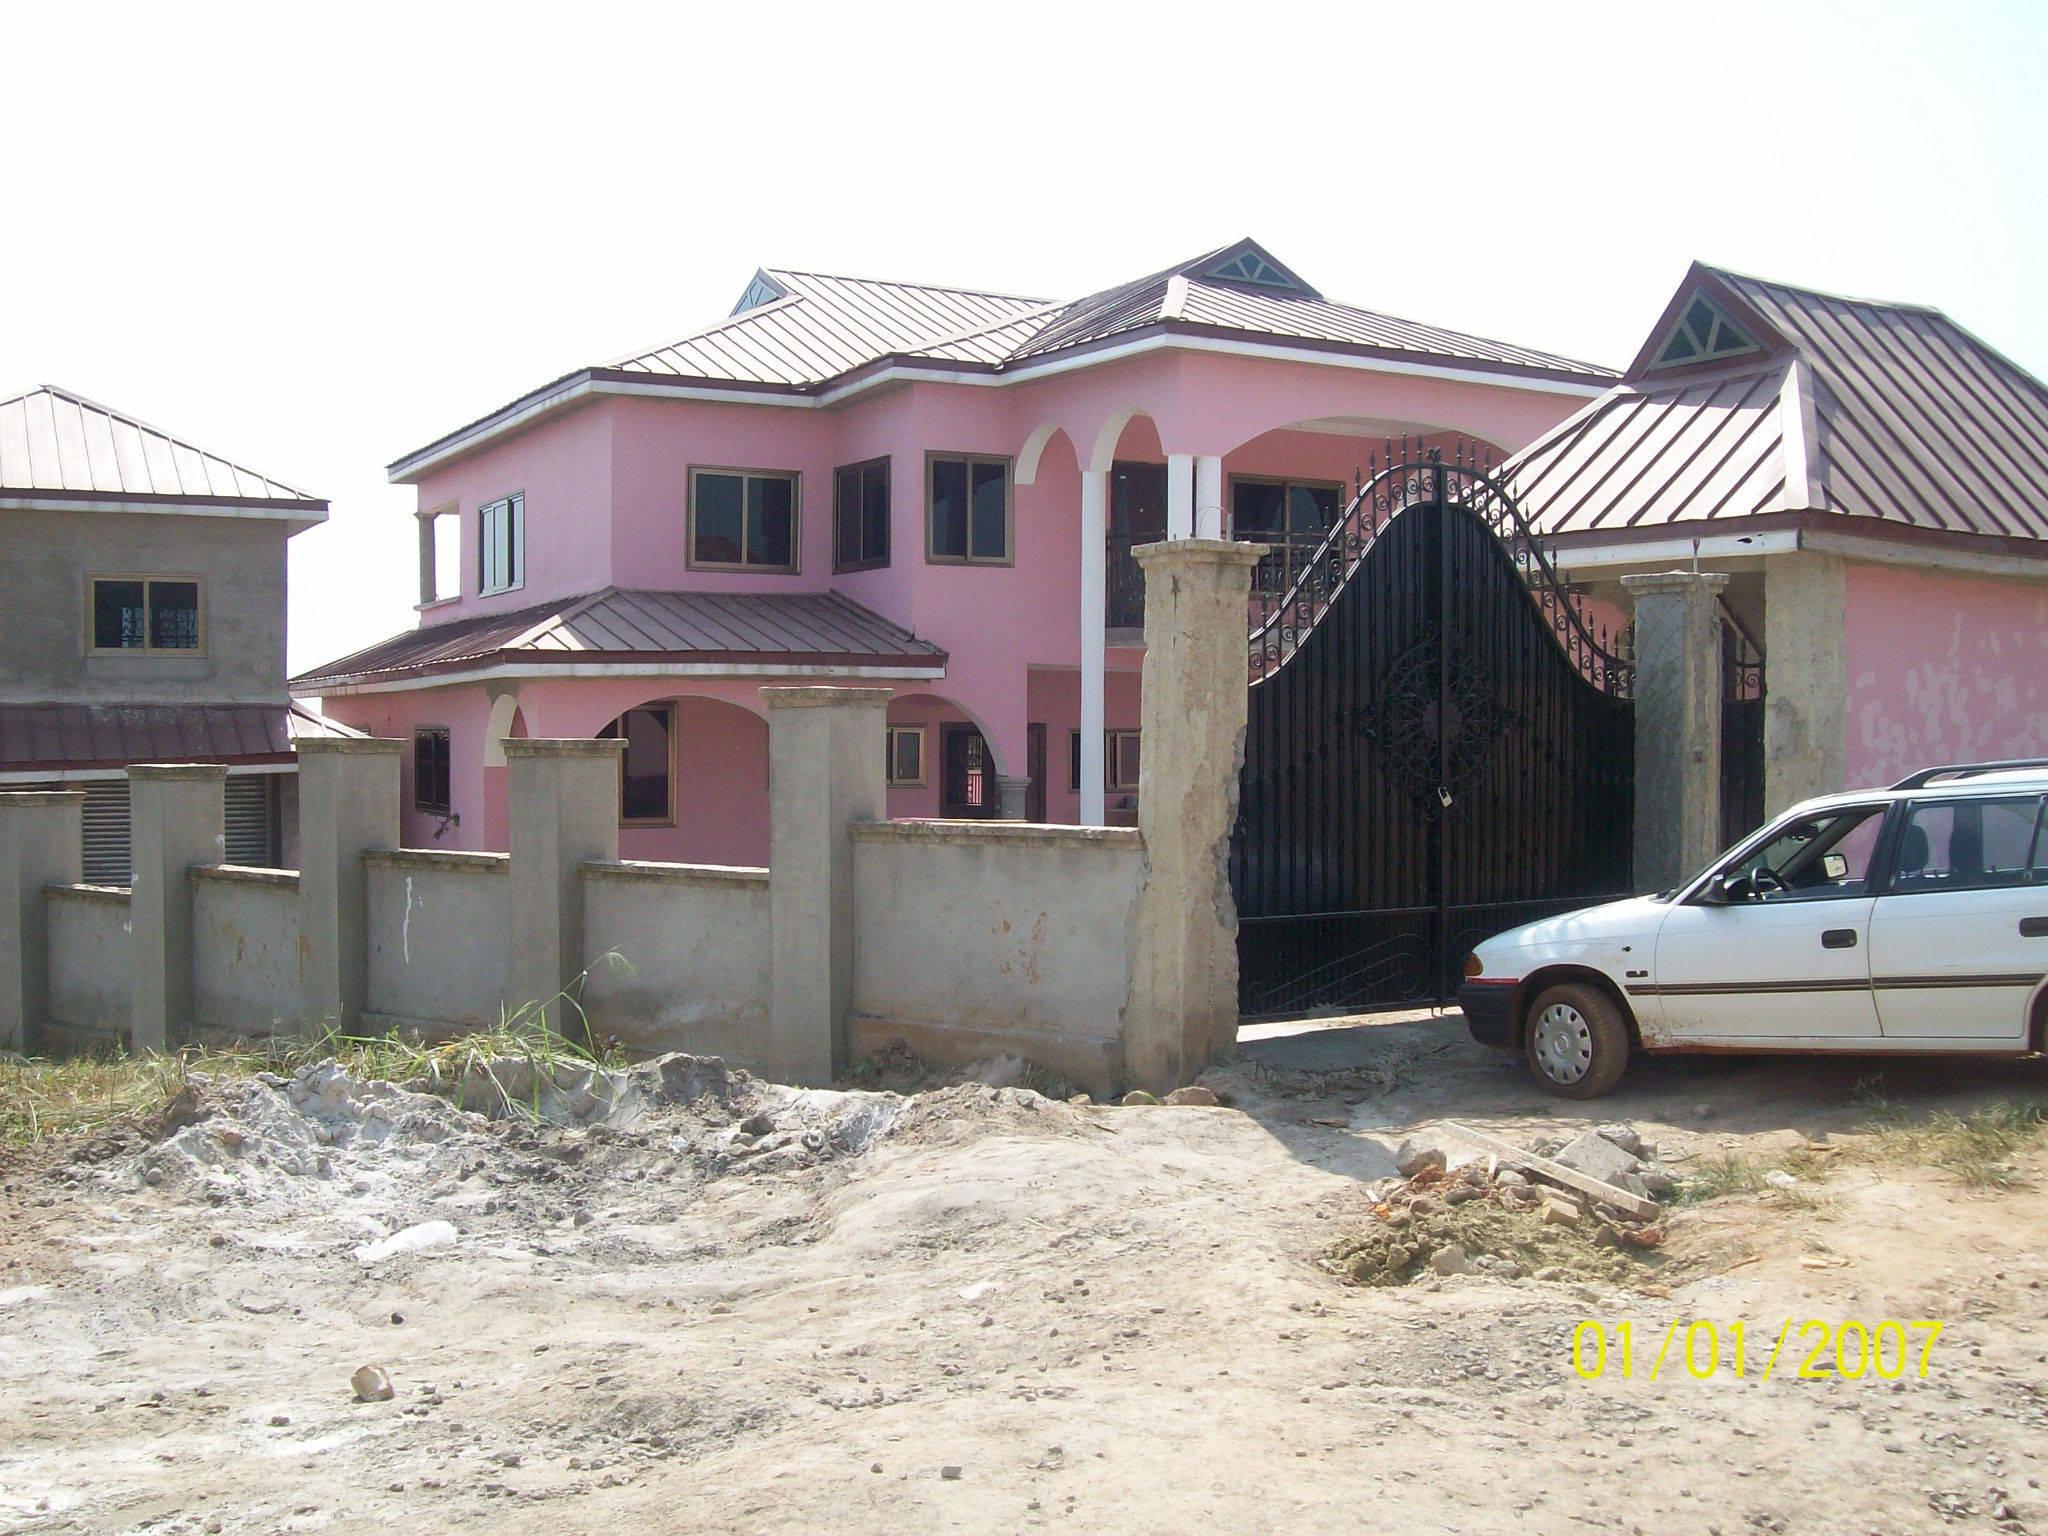 Affordable bedroom all en suite building kumasi ahenema kokobene new site with modern houses in ghana